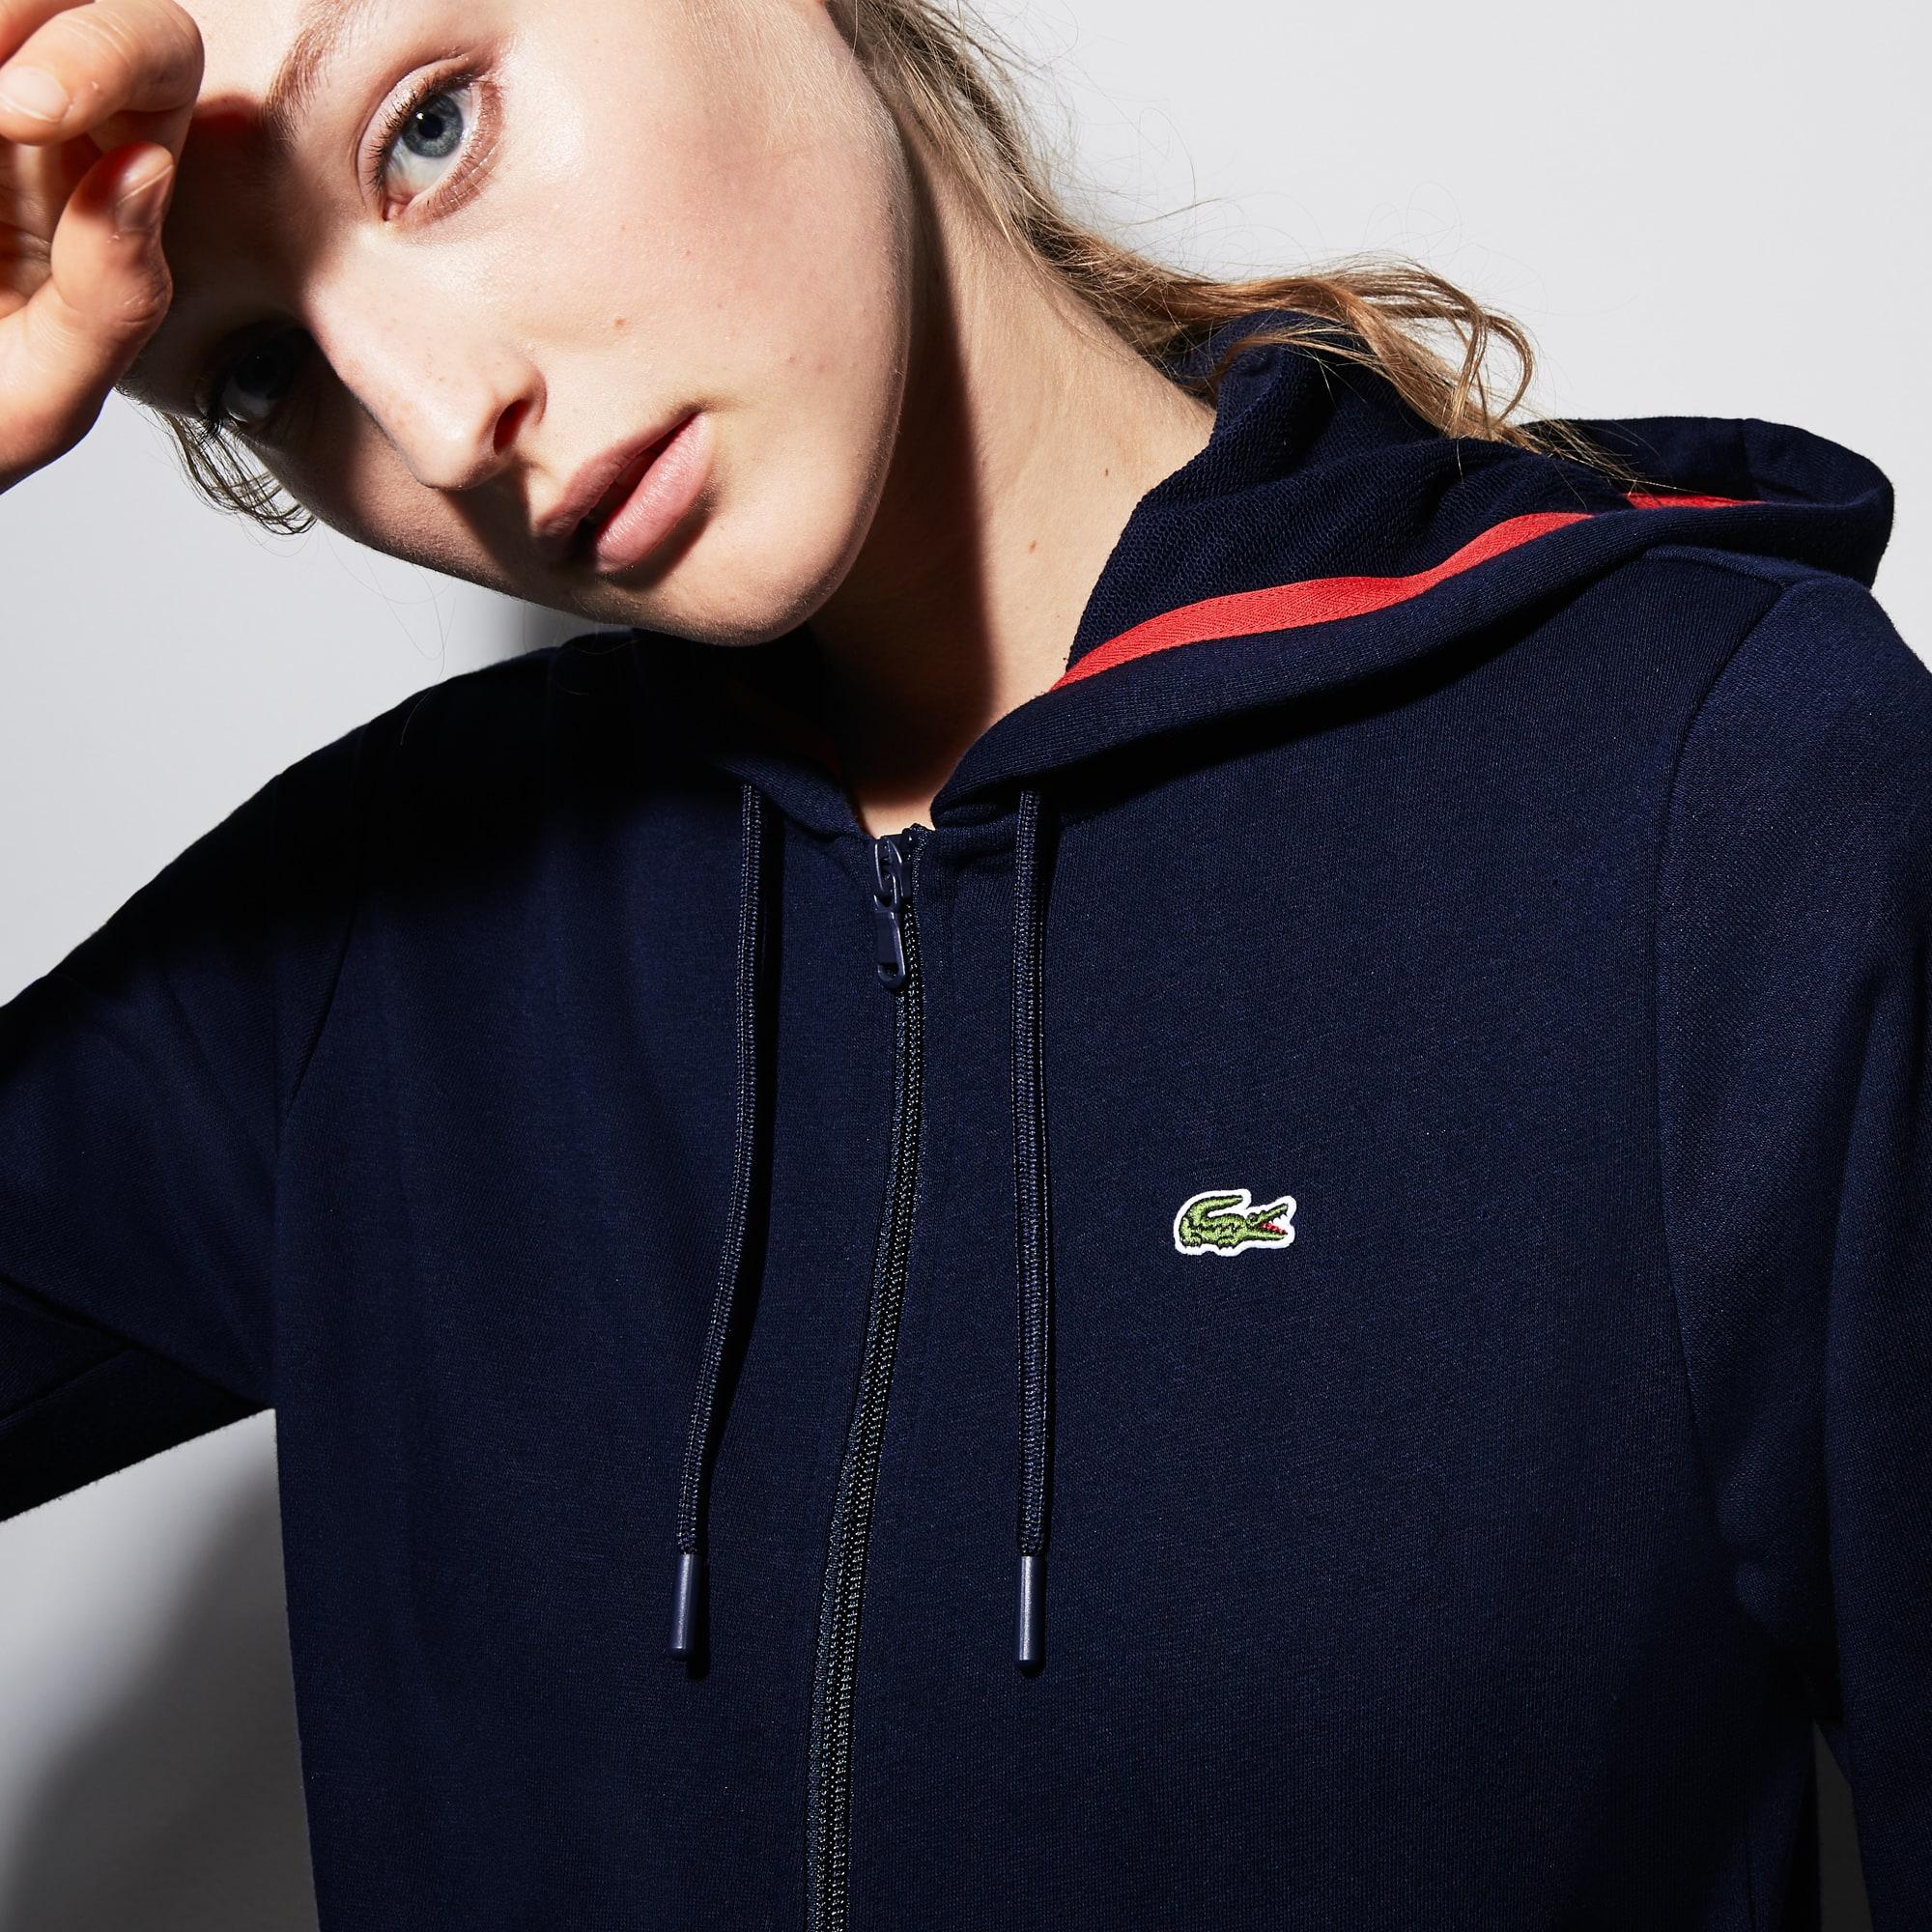 824416eab2 Women's Lacoste SPORT Tennis Hooded Zippered Fleece Sweatshirt